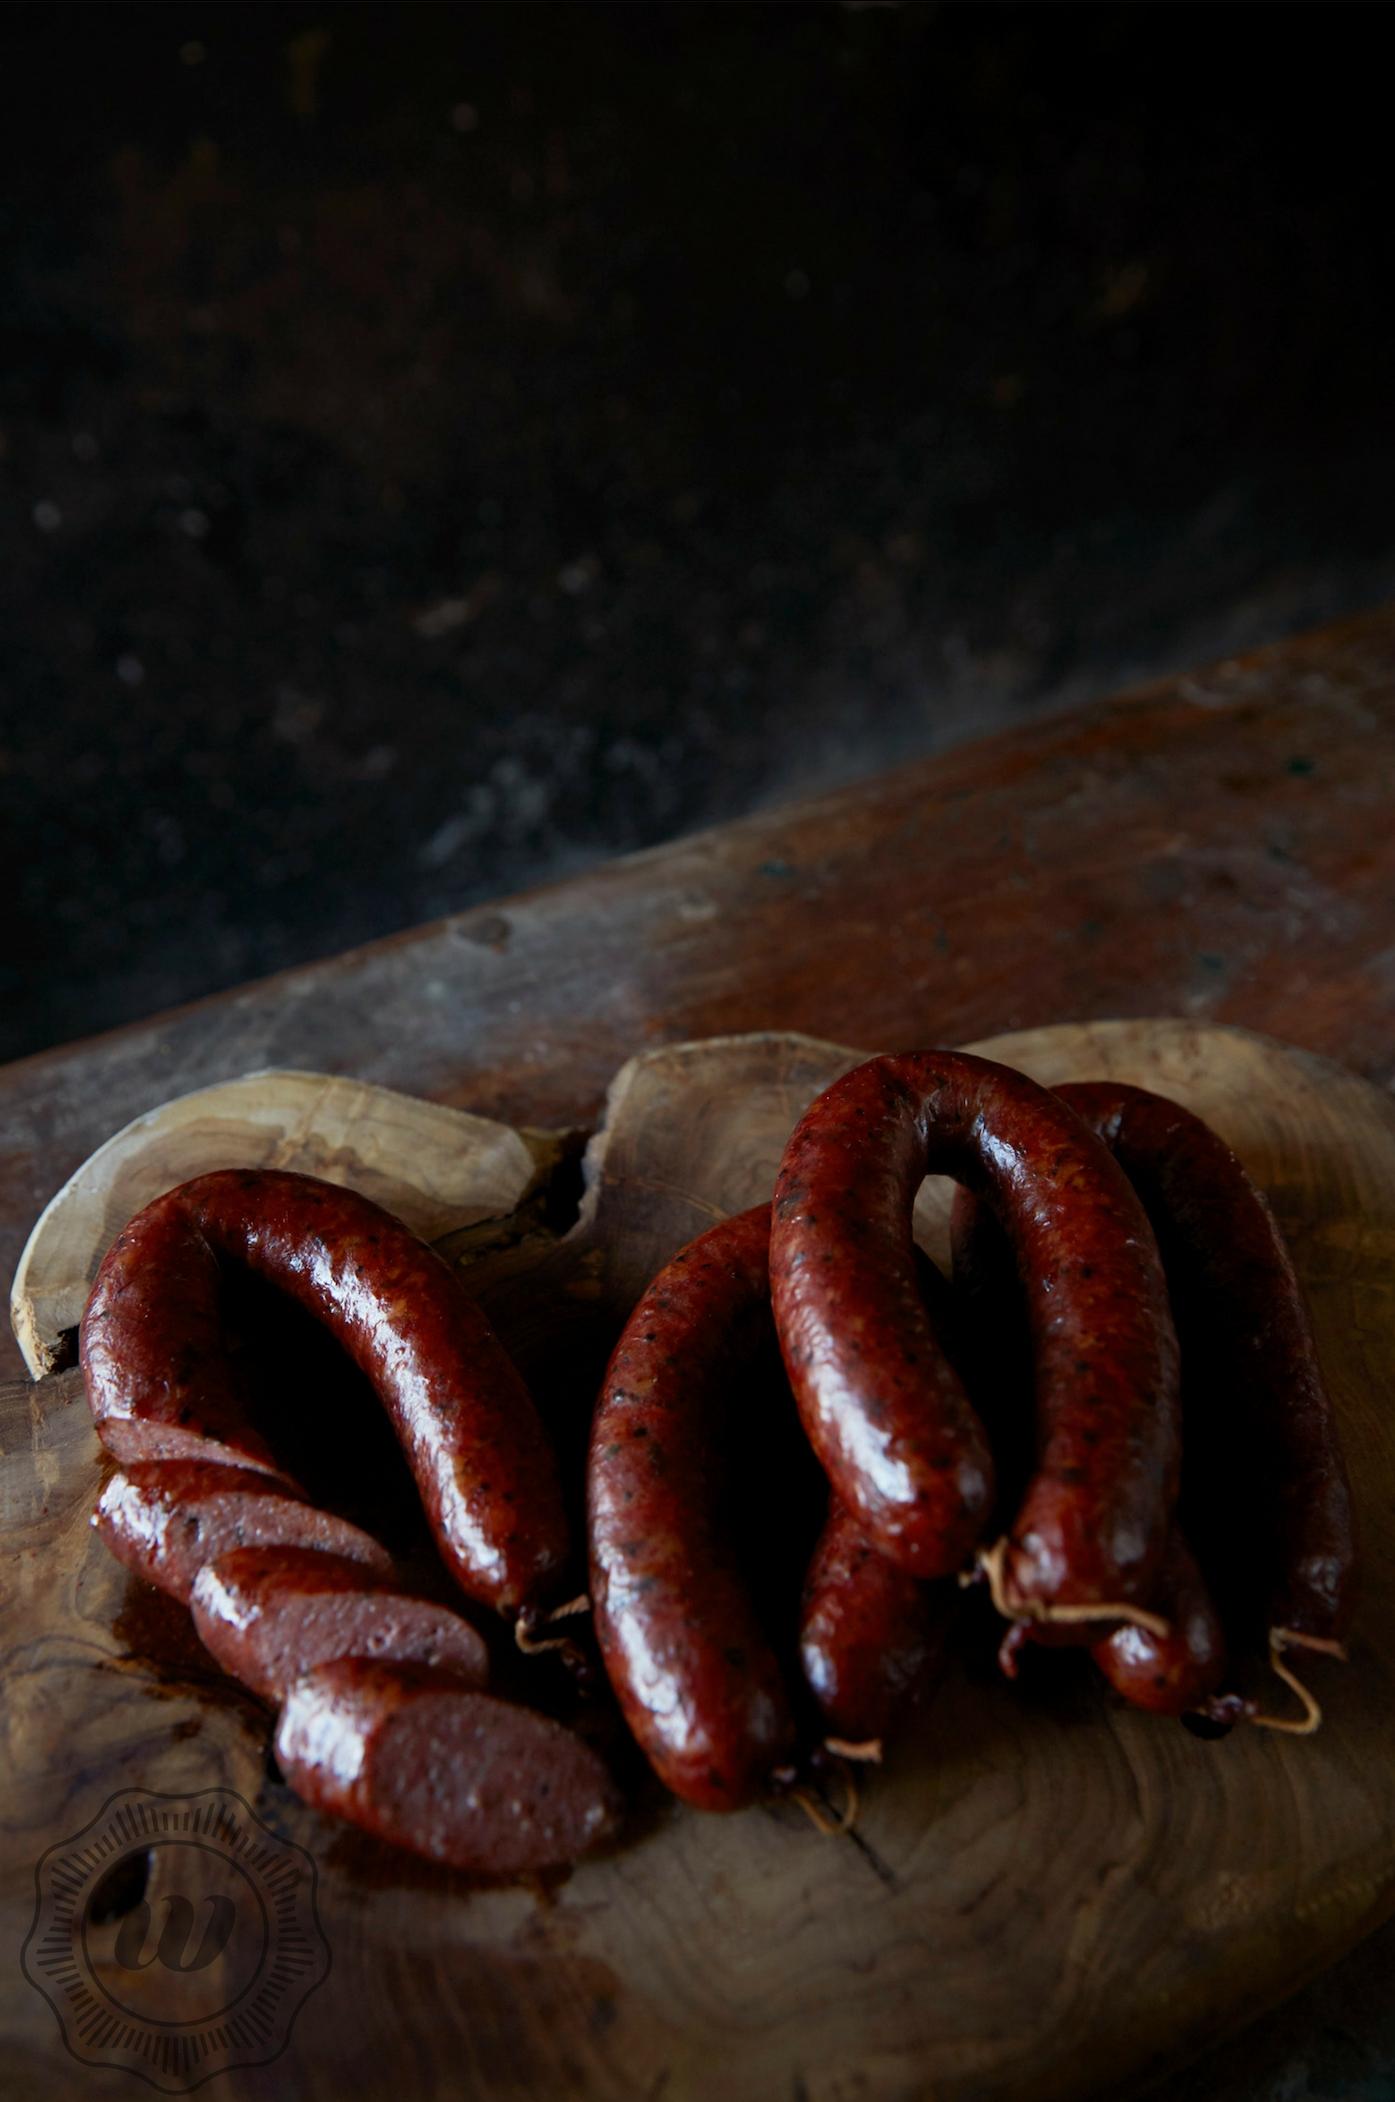 ROOKWORST - Onze rookworst wordt handmatig gemaakt en geknoopt om vervolgens met echt hout een specifieke tijd gerookt te worden. Het vlees van hert en wild zwijn leent zich uitstekend voor de rookworst.